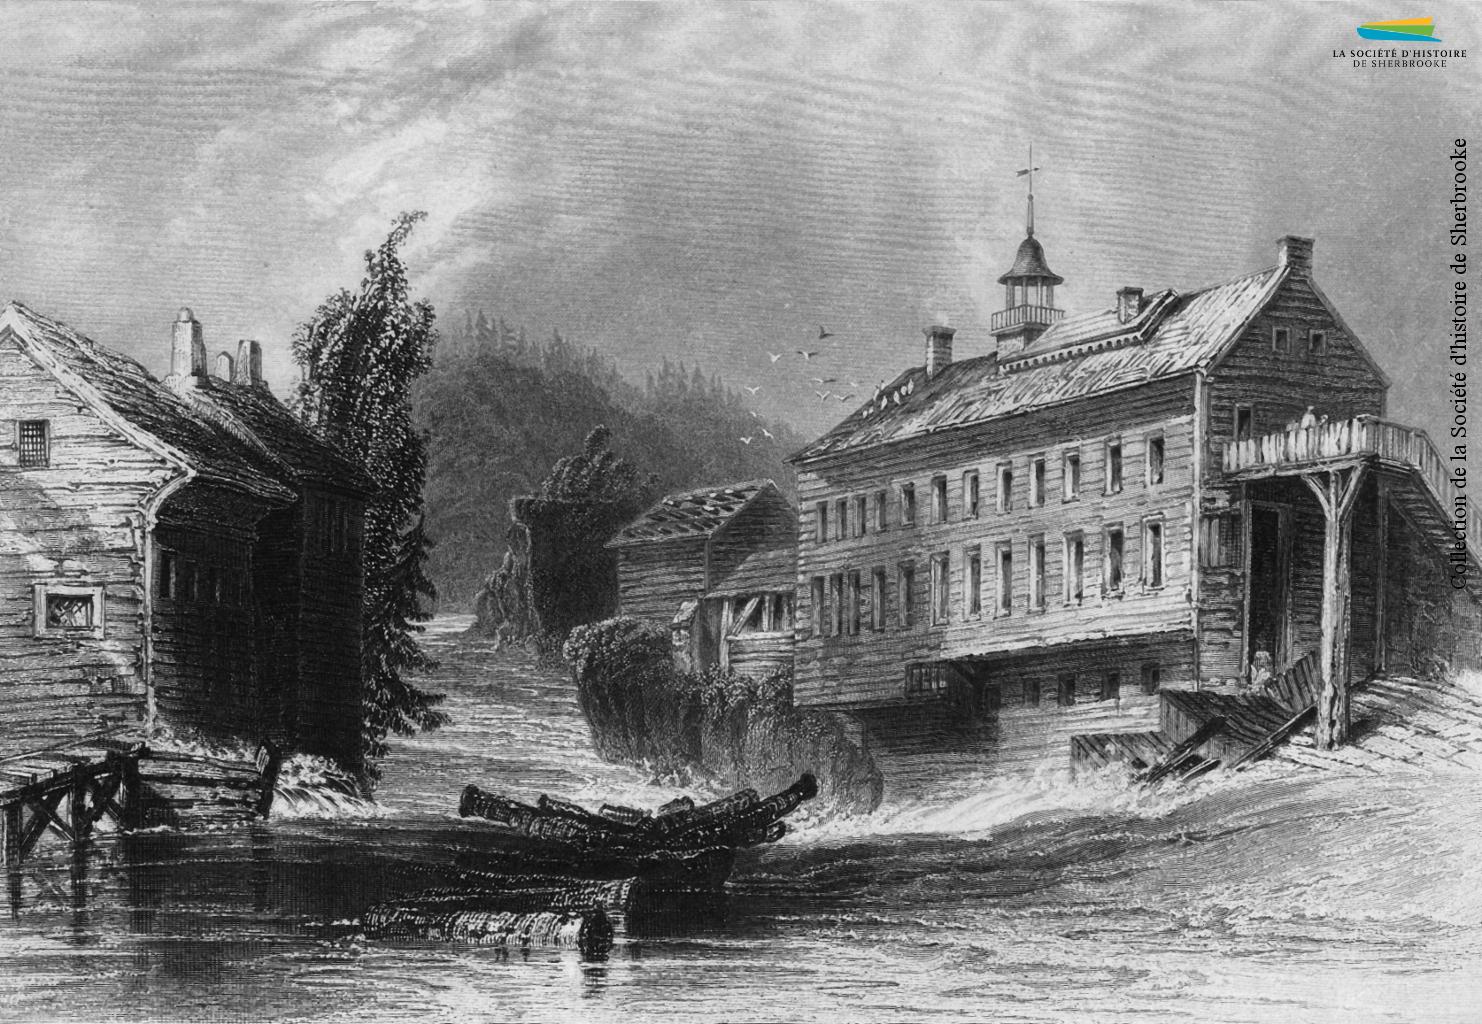 Une gravure de la fabrique de laine de Charles Goodhue, vers 1830. Elle est située près du confluent des rivières Magog et Saint-François, proche de l'actuel pont Gilbert-Hyatt.